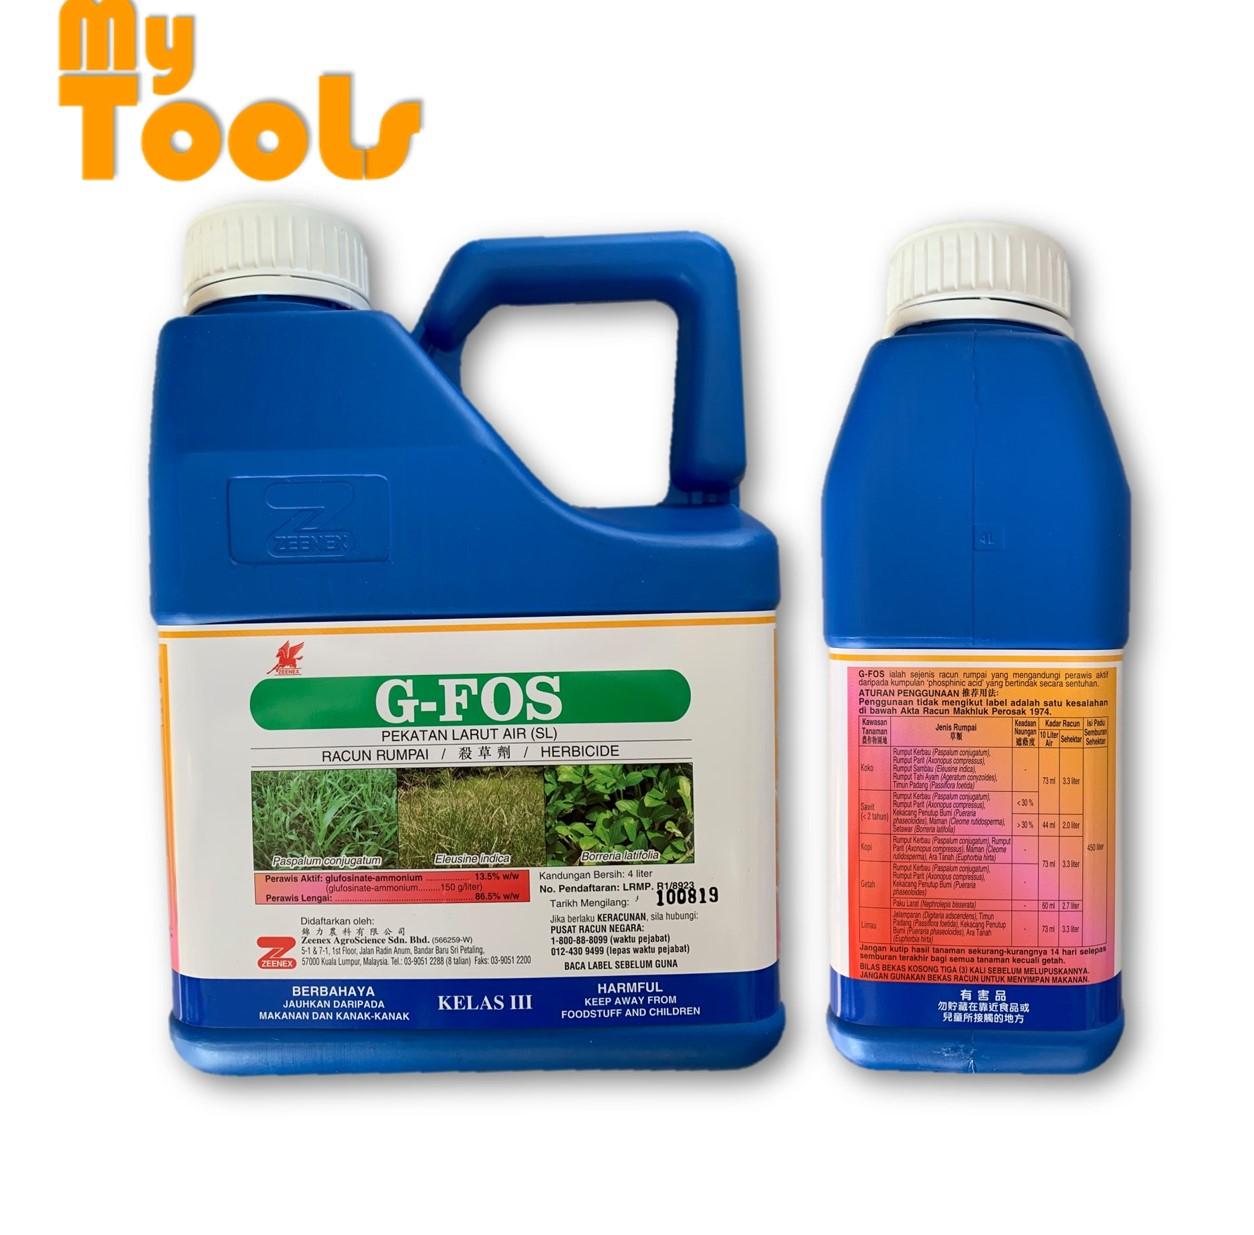 4 Liter 4L ZEENEX G-FOS Glufosinate ammonium 13.5 % w/w Basta Herbicide Class 3 Racun Rumput/ Rumpai (Weeds Control)